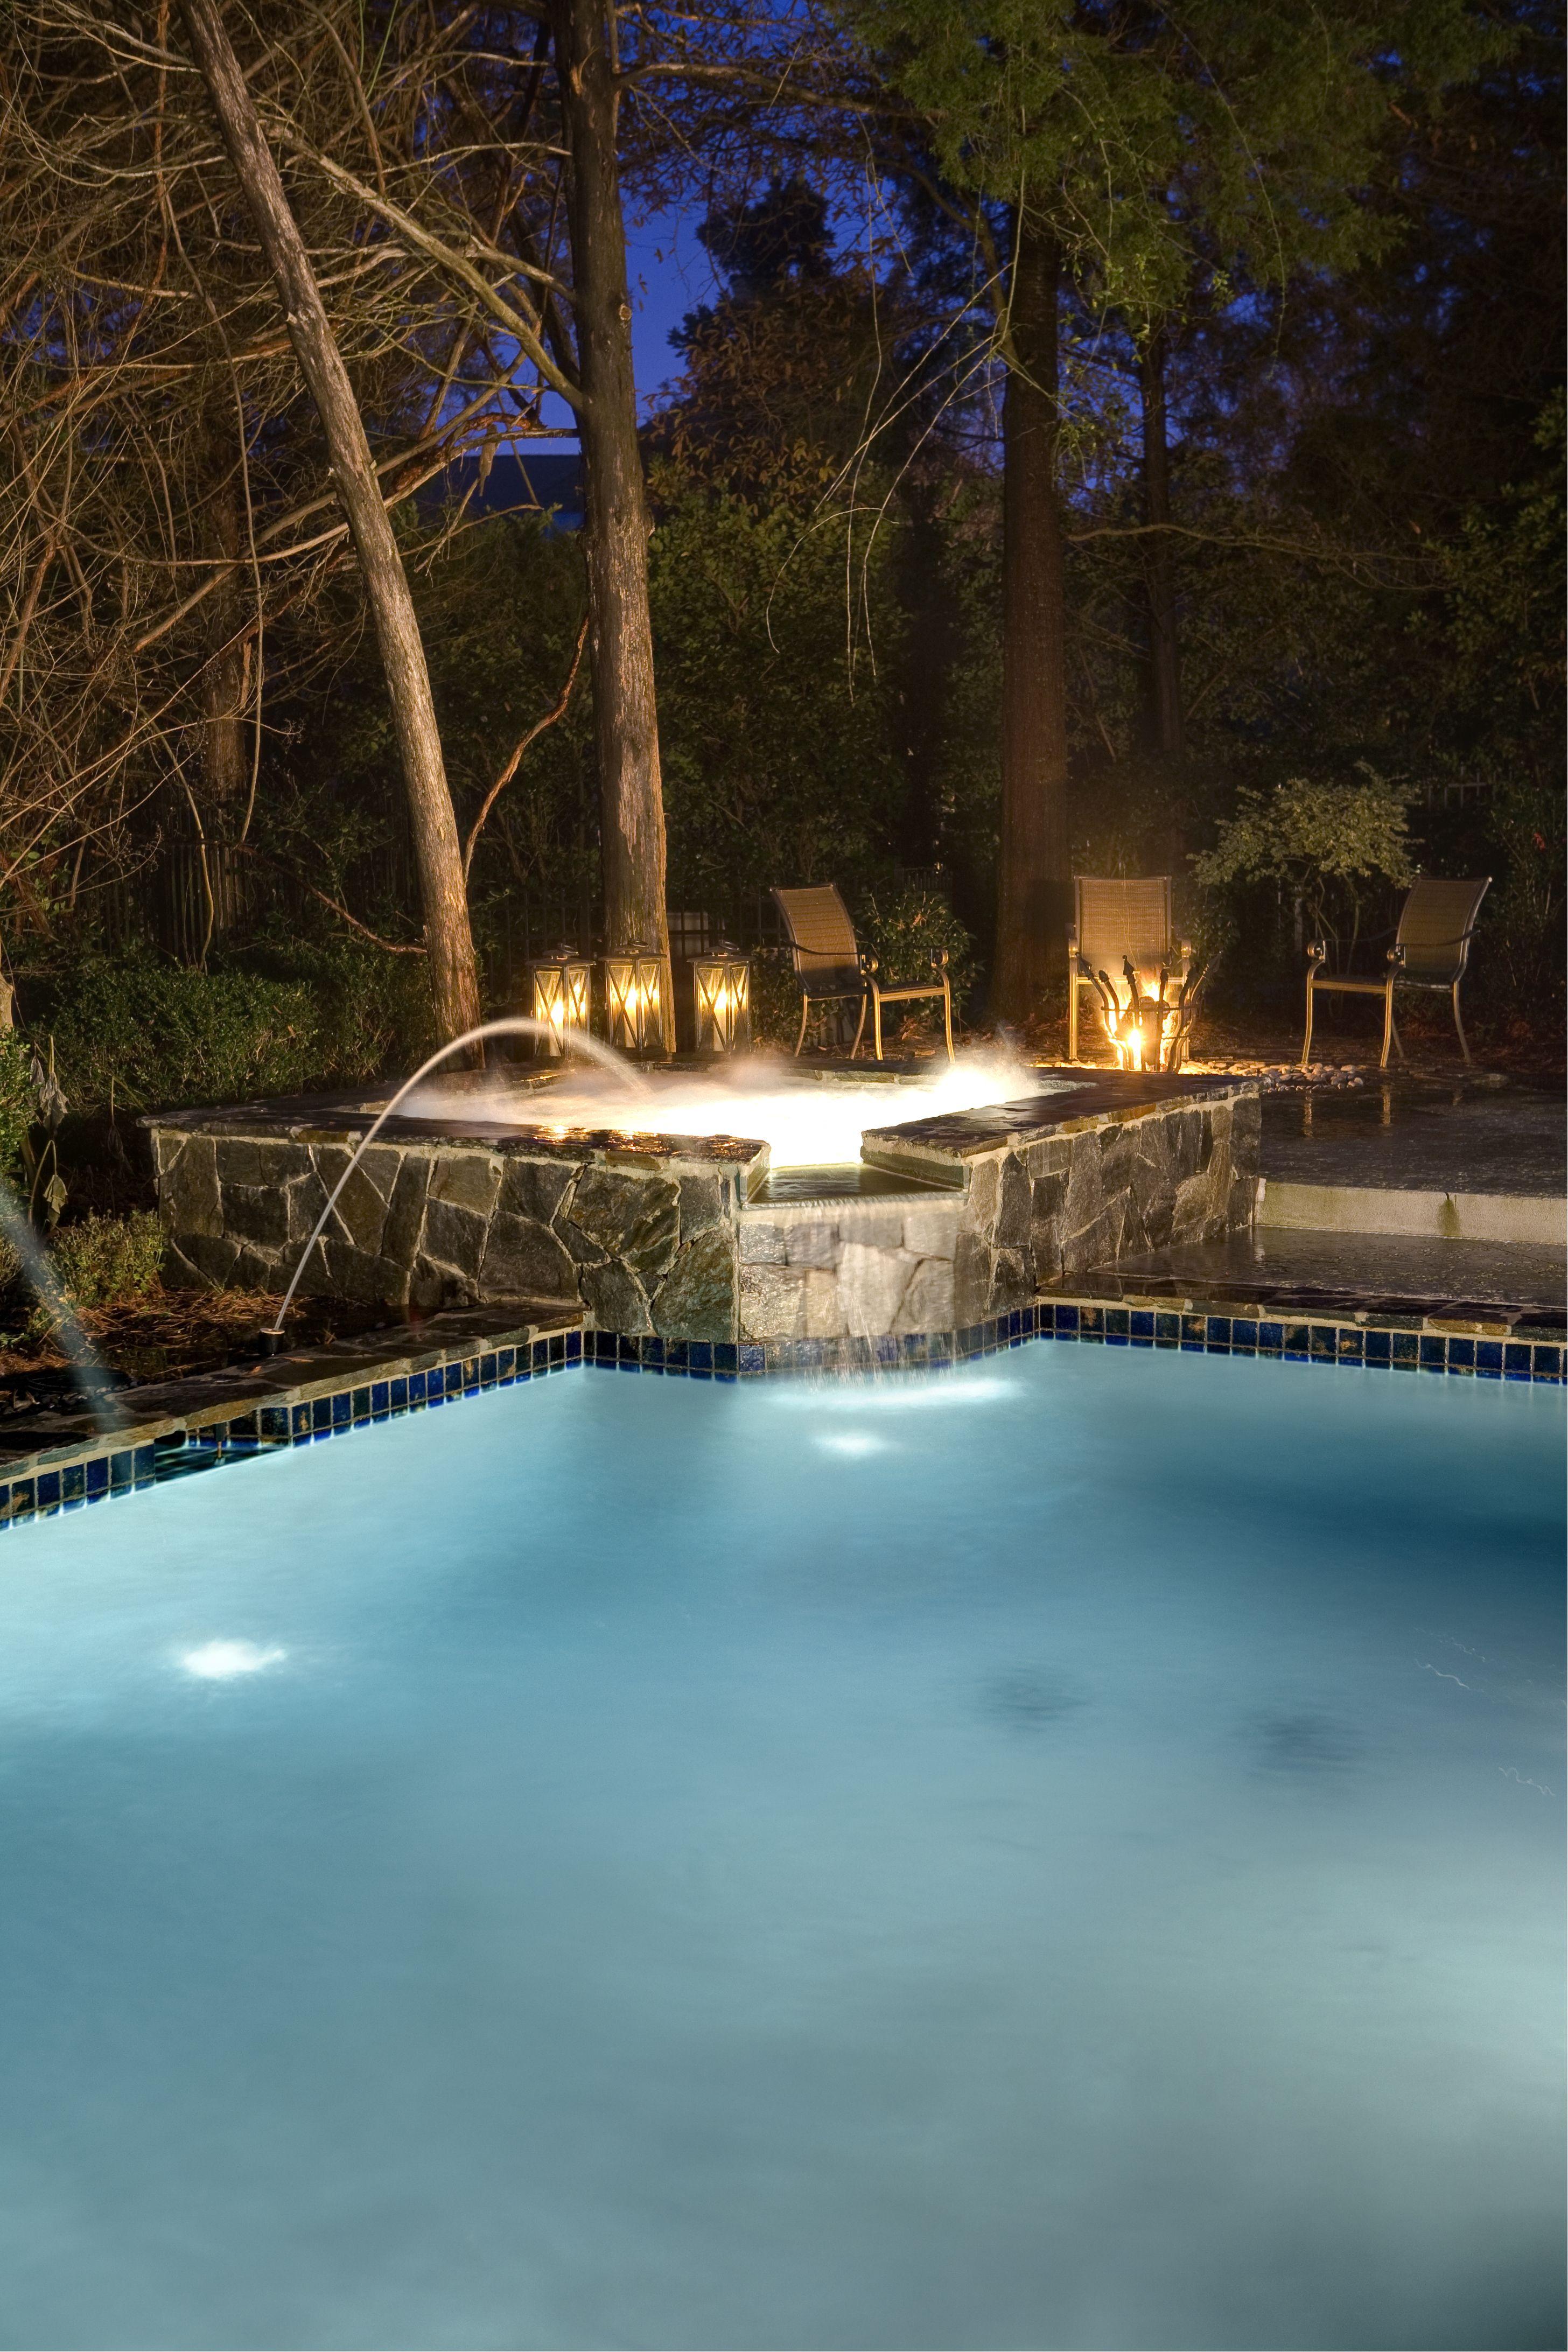 Pin On Creative Swimming Pools